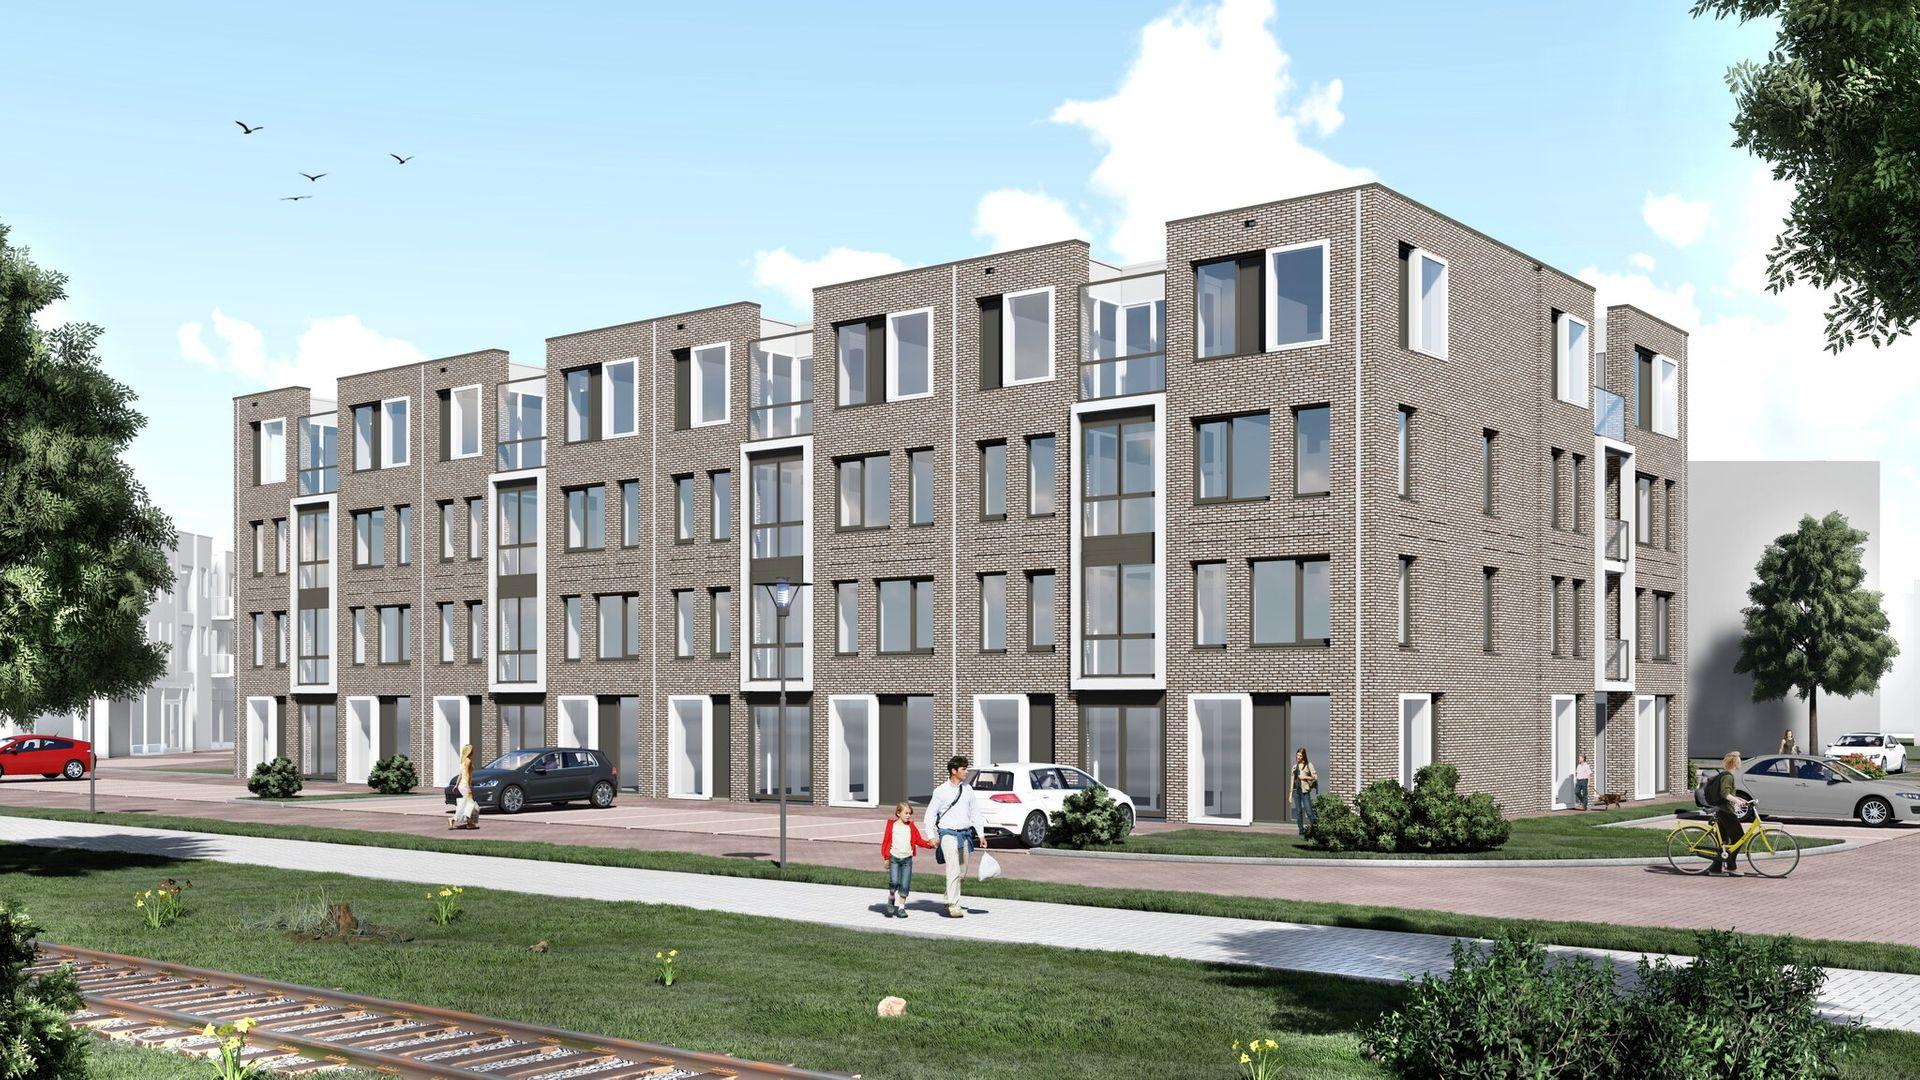 Rozenbottel, Veenendaal